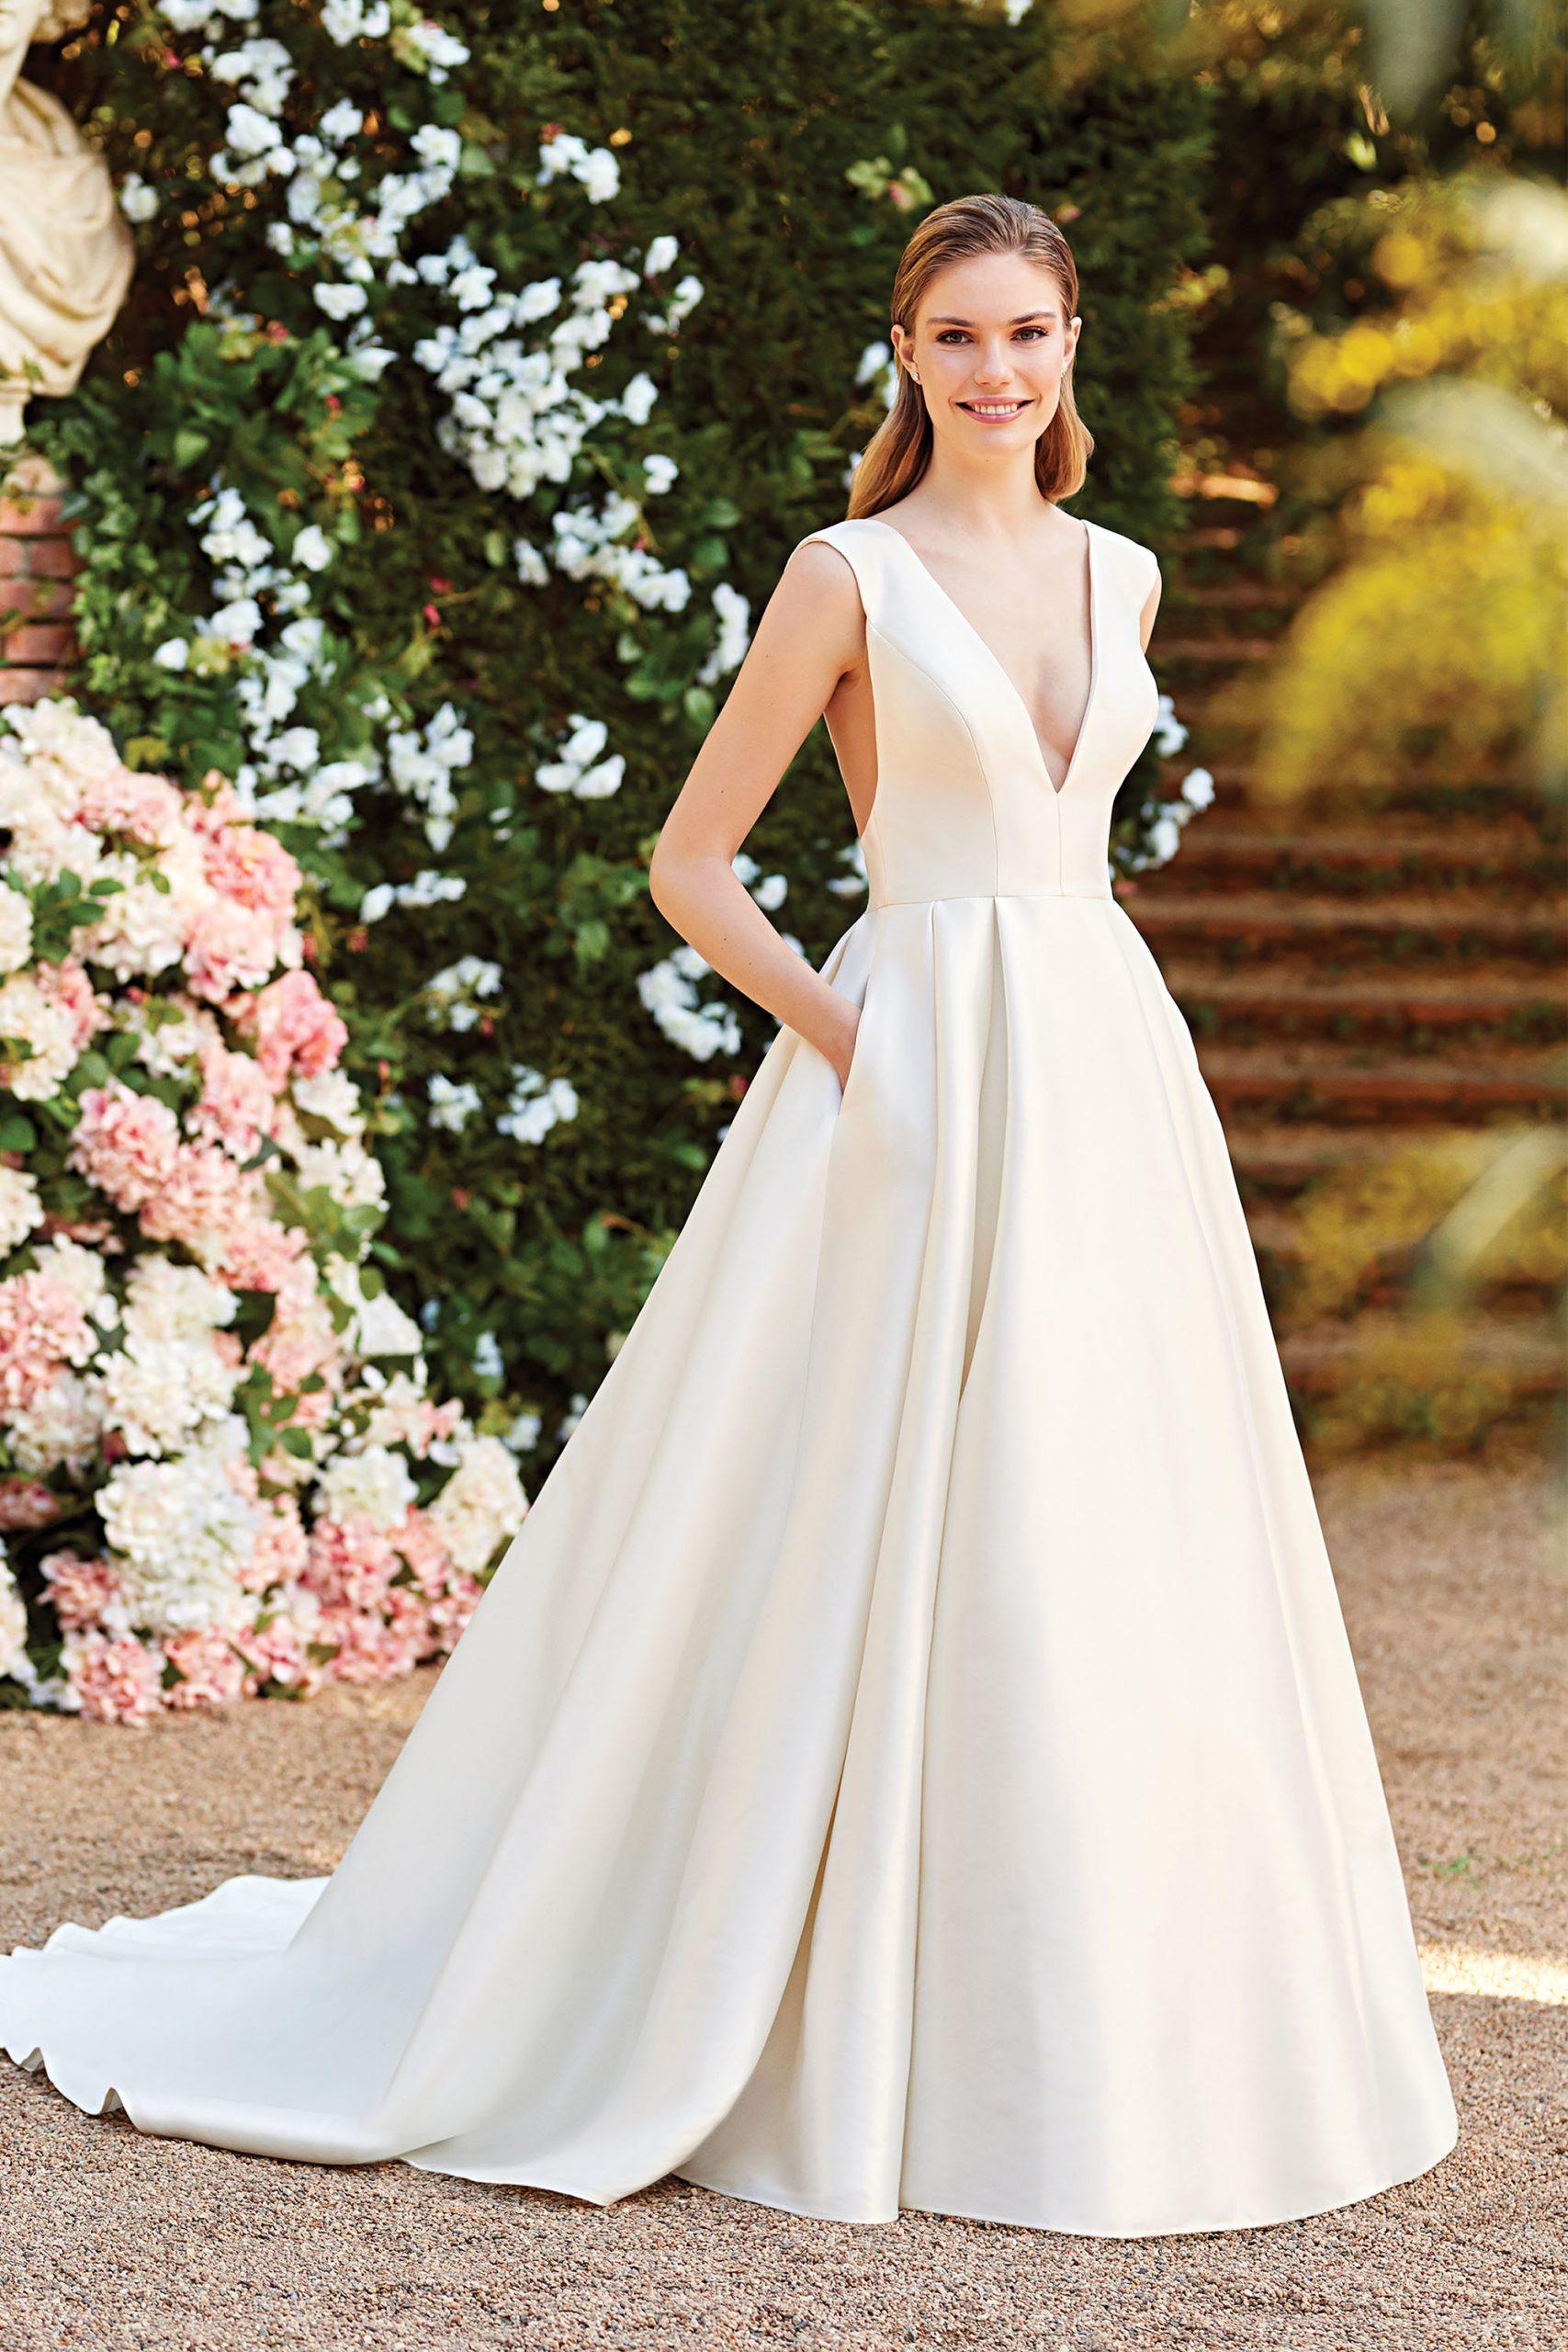 Die 18 schönsten Brautkleid-Trends für die Saison 18